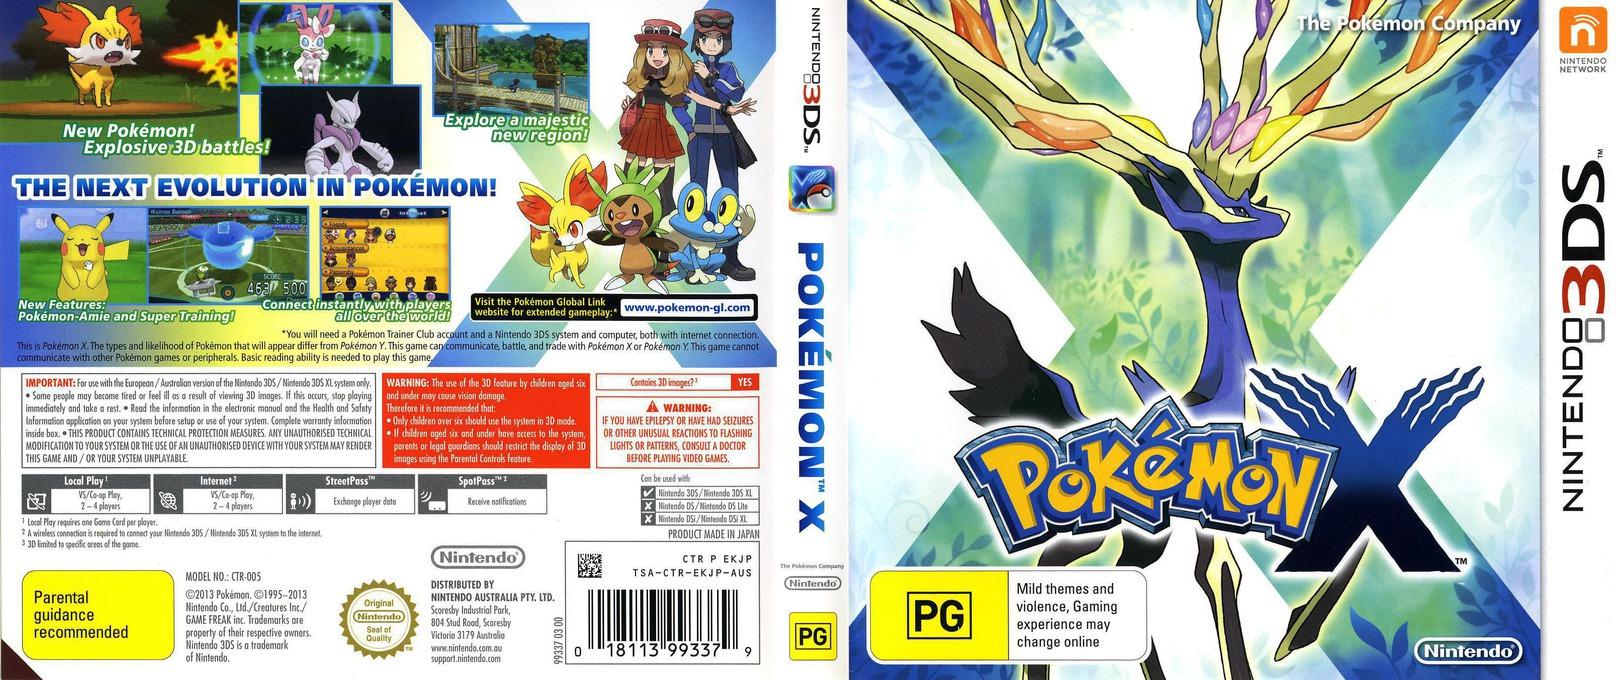 Pokémon X 3DS coverfullHQ (EKJP)